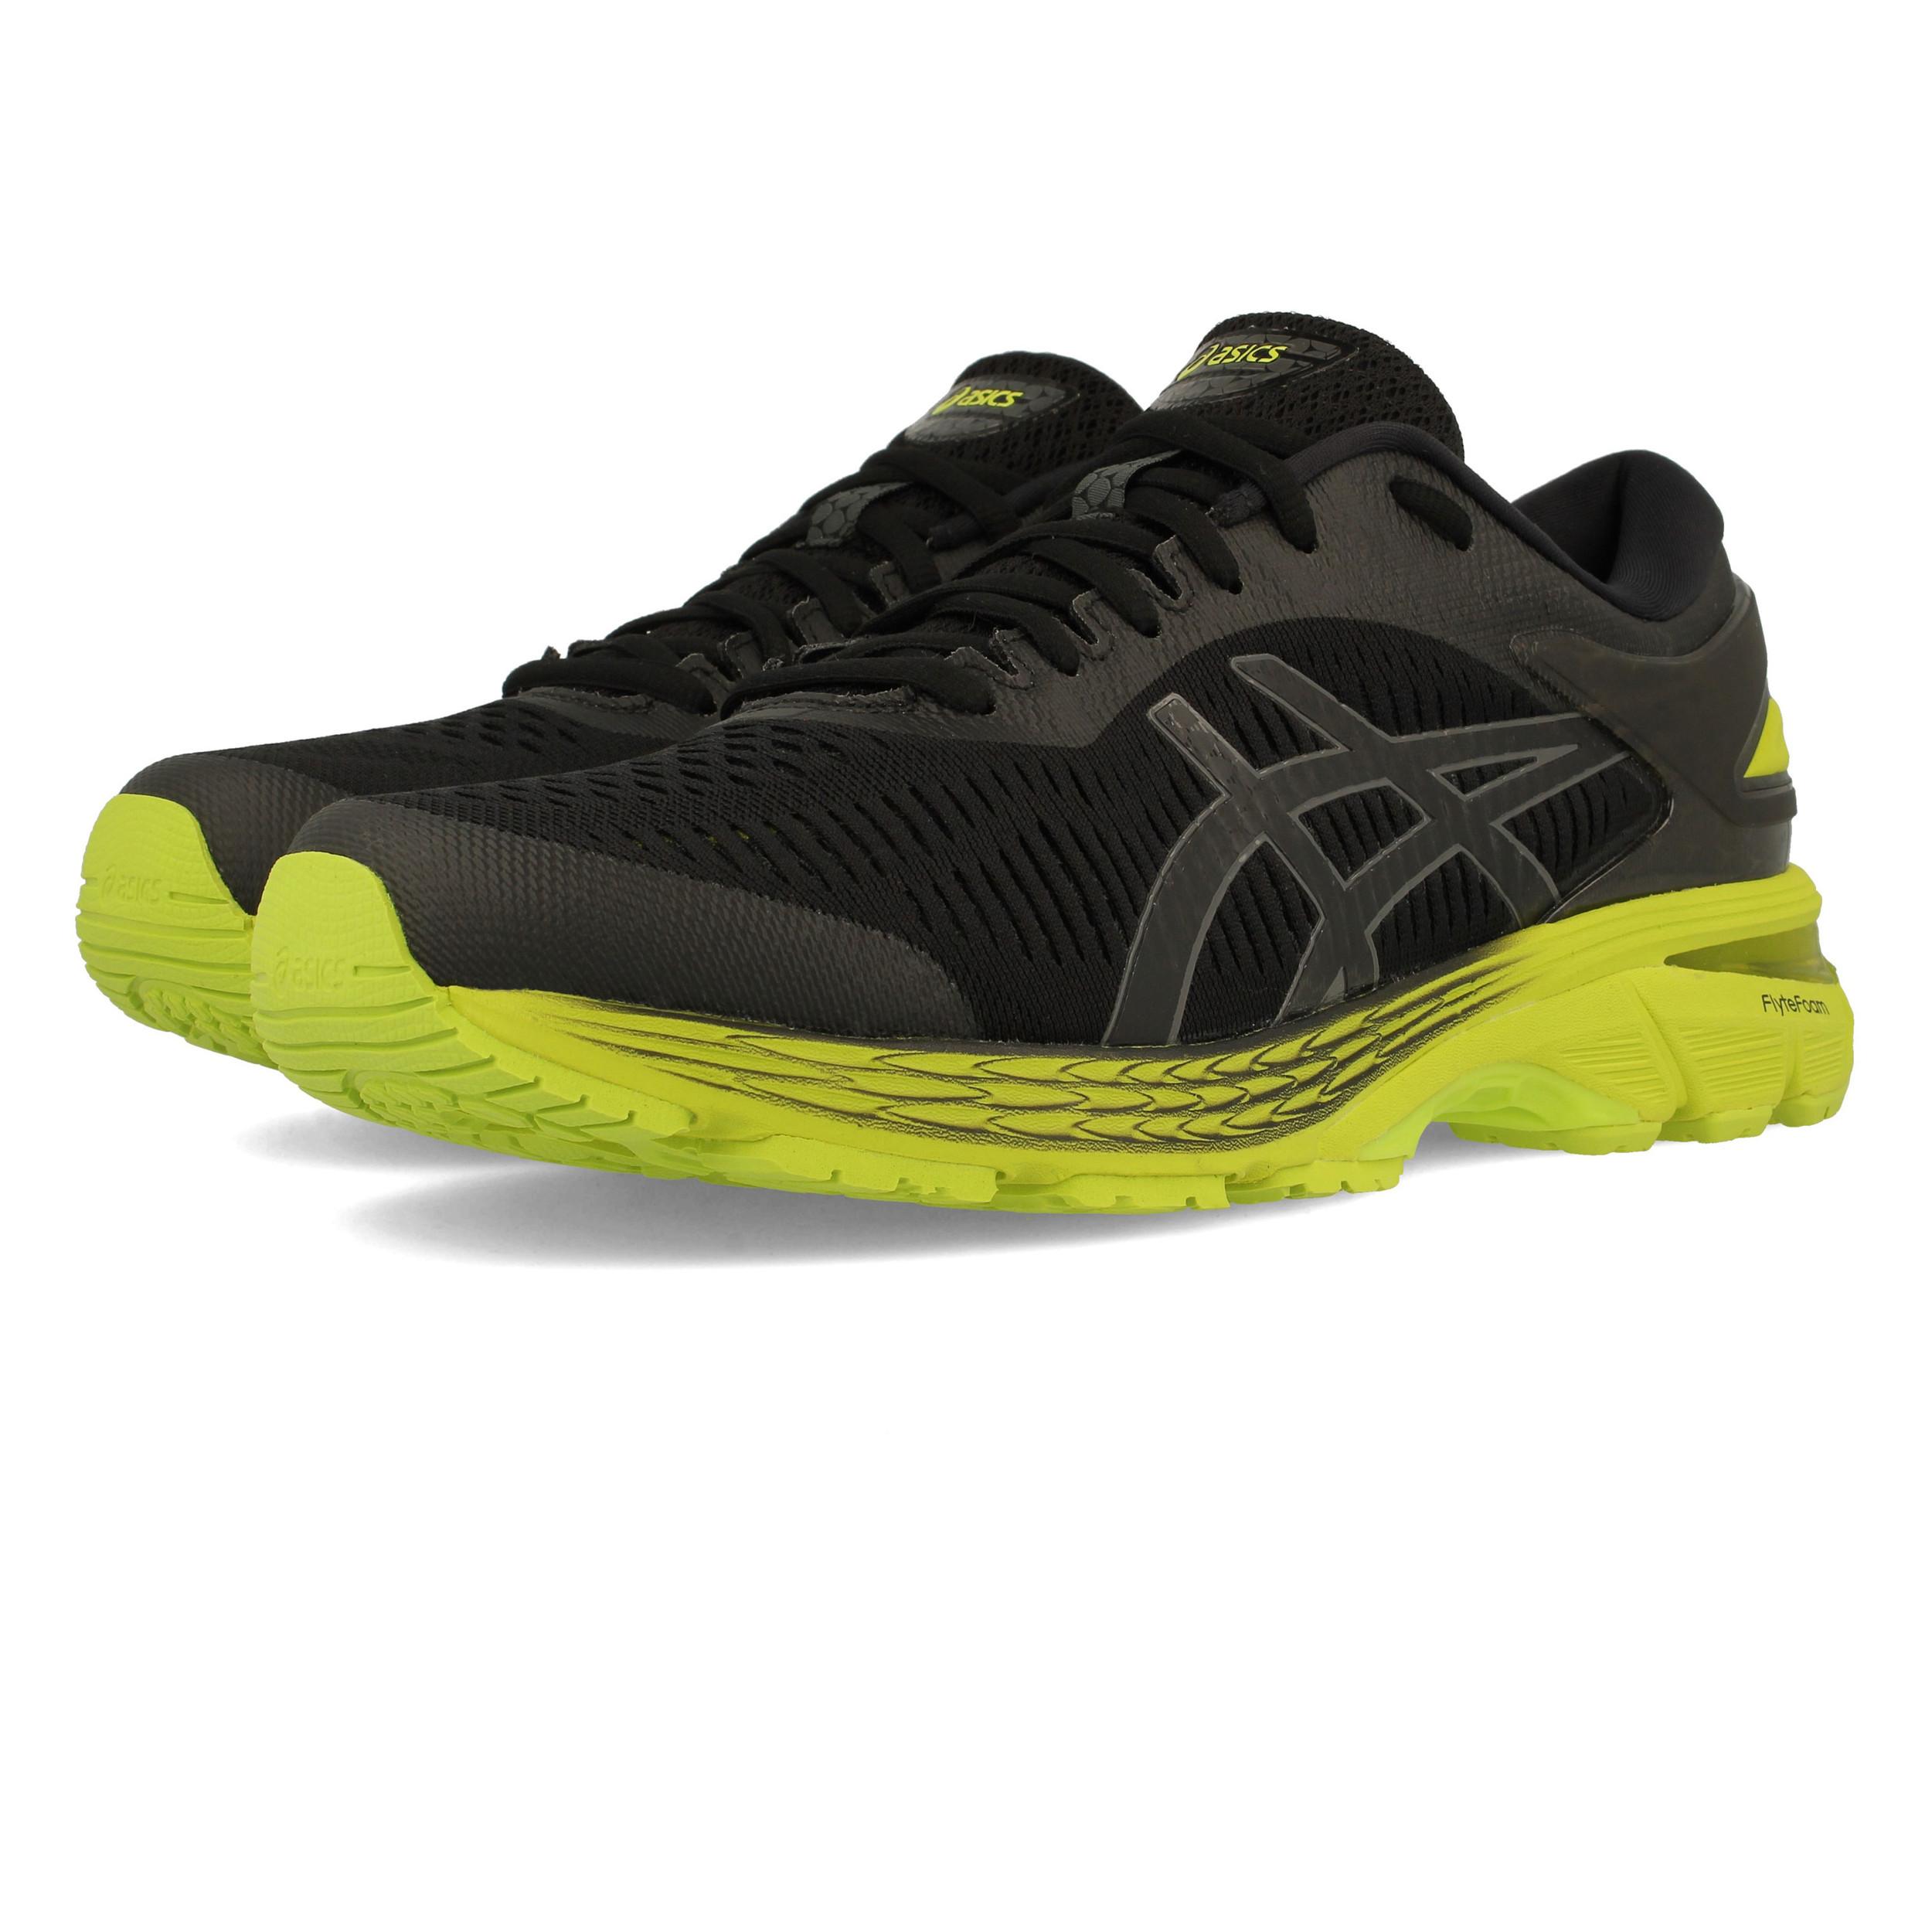 d1fc4816991 Asics Hommes Gel-Kayano 25 Chaussures De Course À Pied Baskets Sport Running